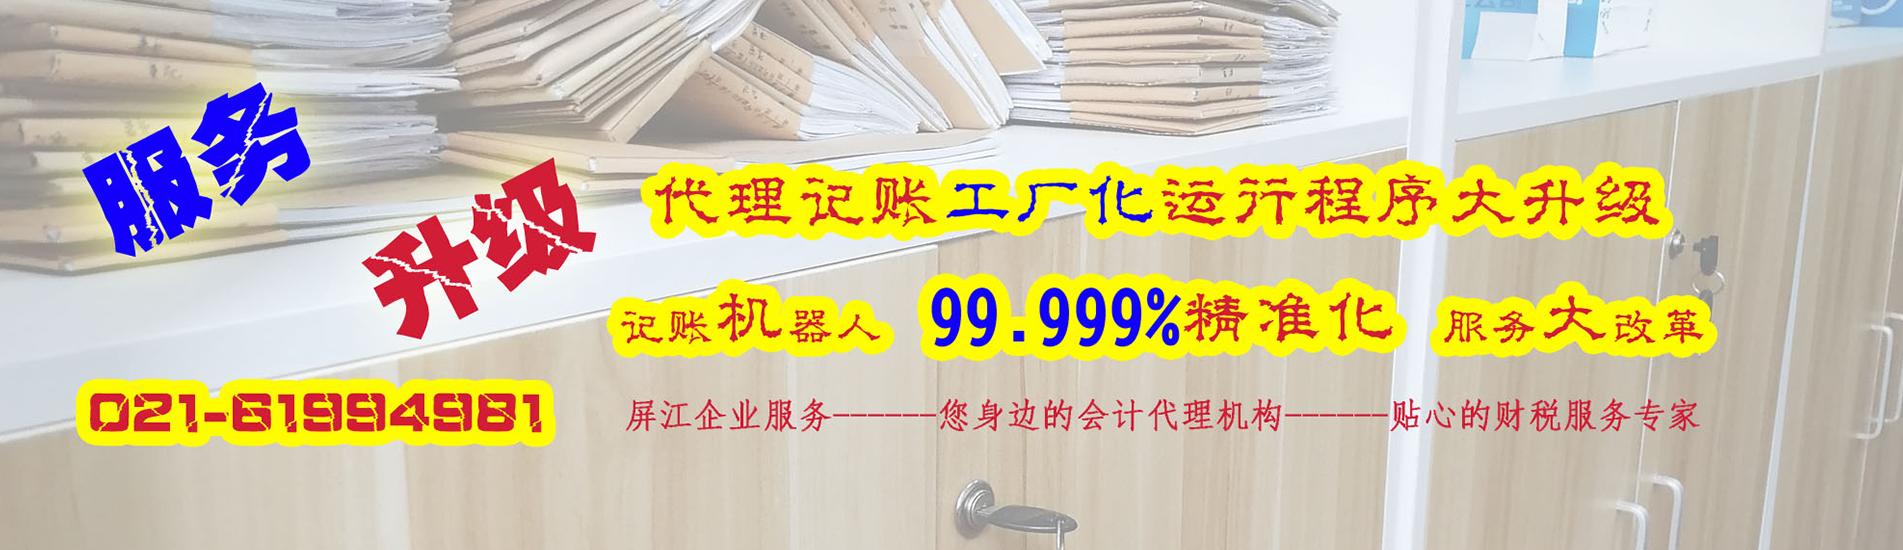 松江注册公司_松江公司注册_松江代理注册公司